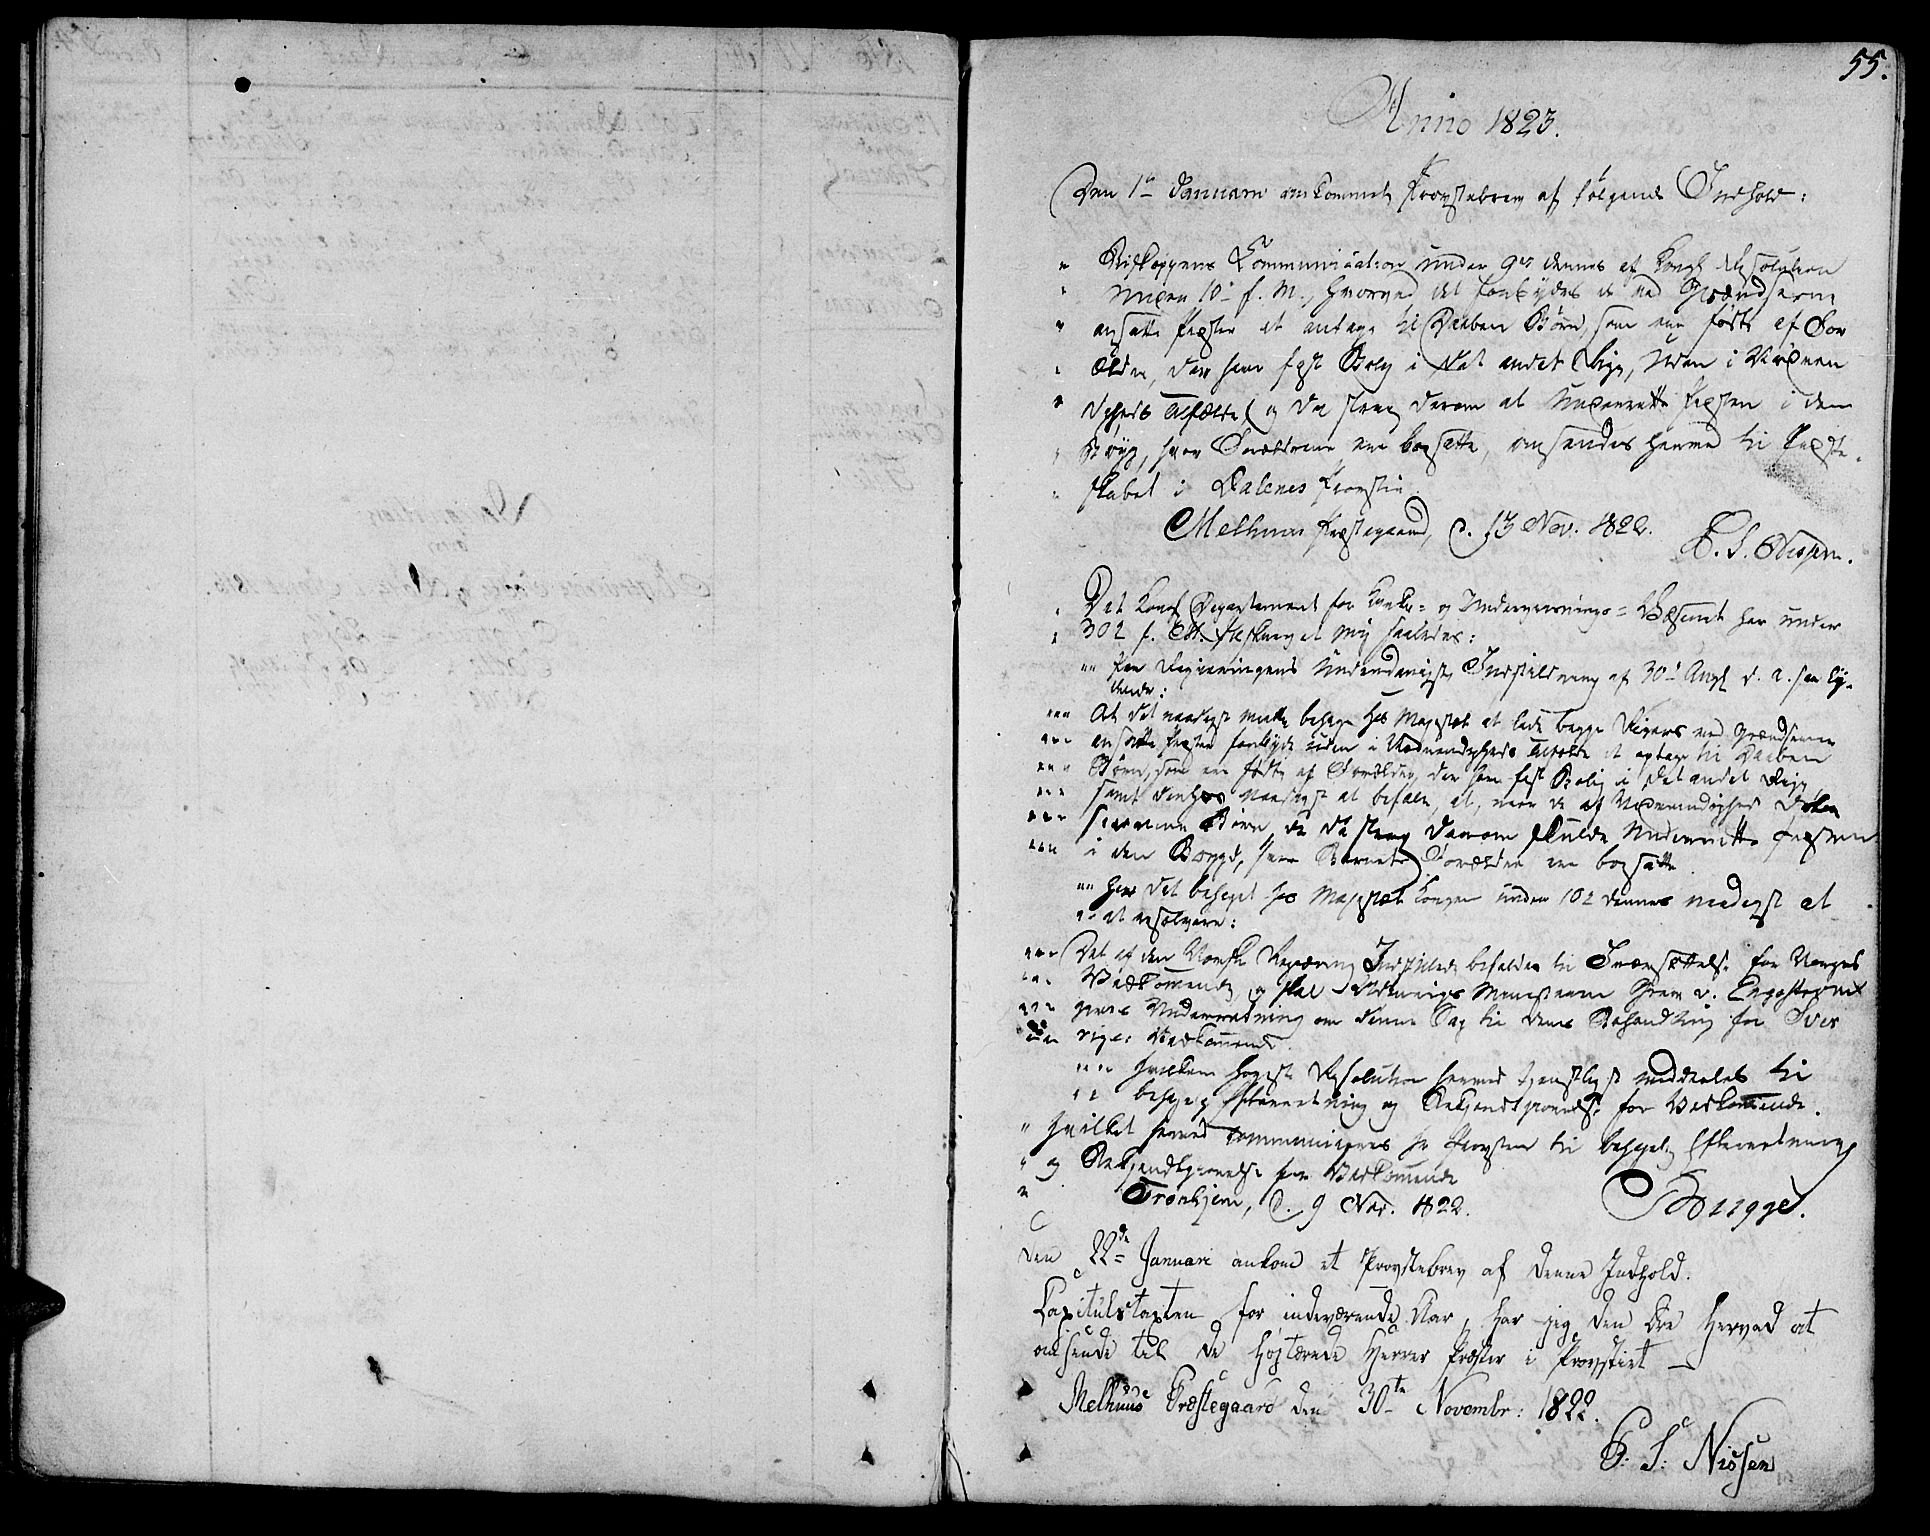 SAT, Ministerialprotokoller, klokkerbøker og fødselsregistre - Sør-Trøndelag, 685/L0953: Ministerialbok nr. 685A02, 1805-1816, s. 55